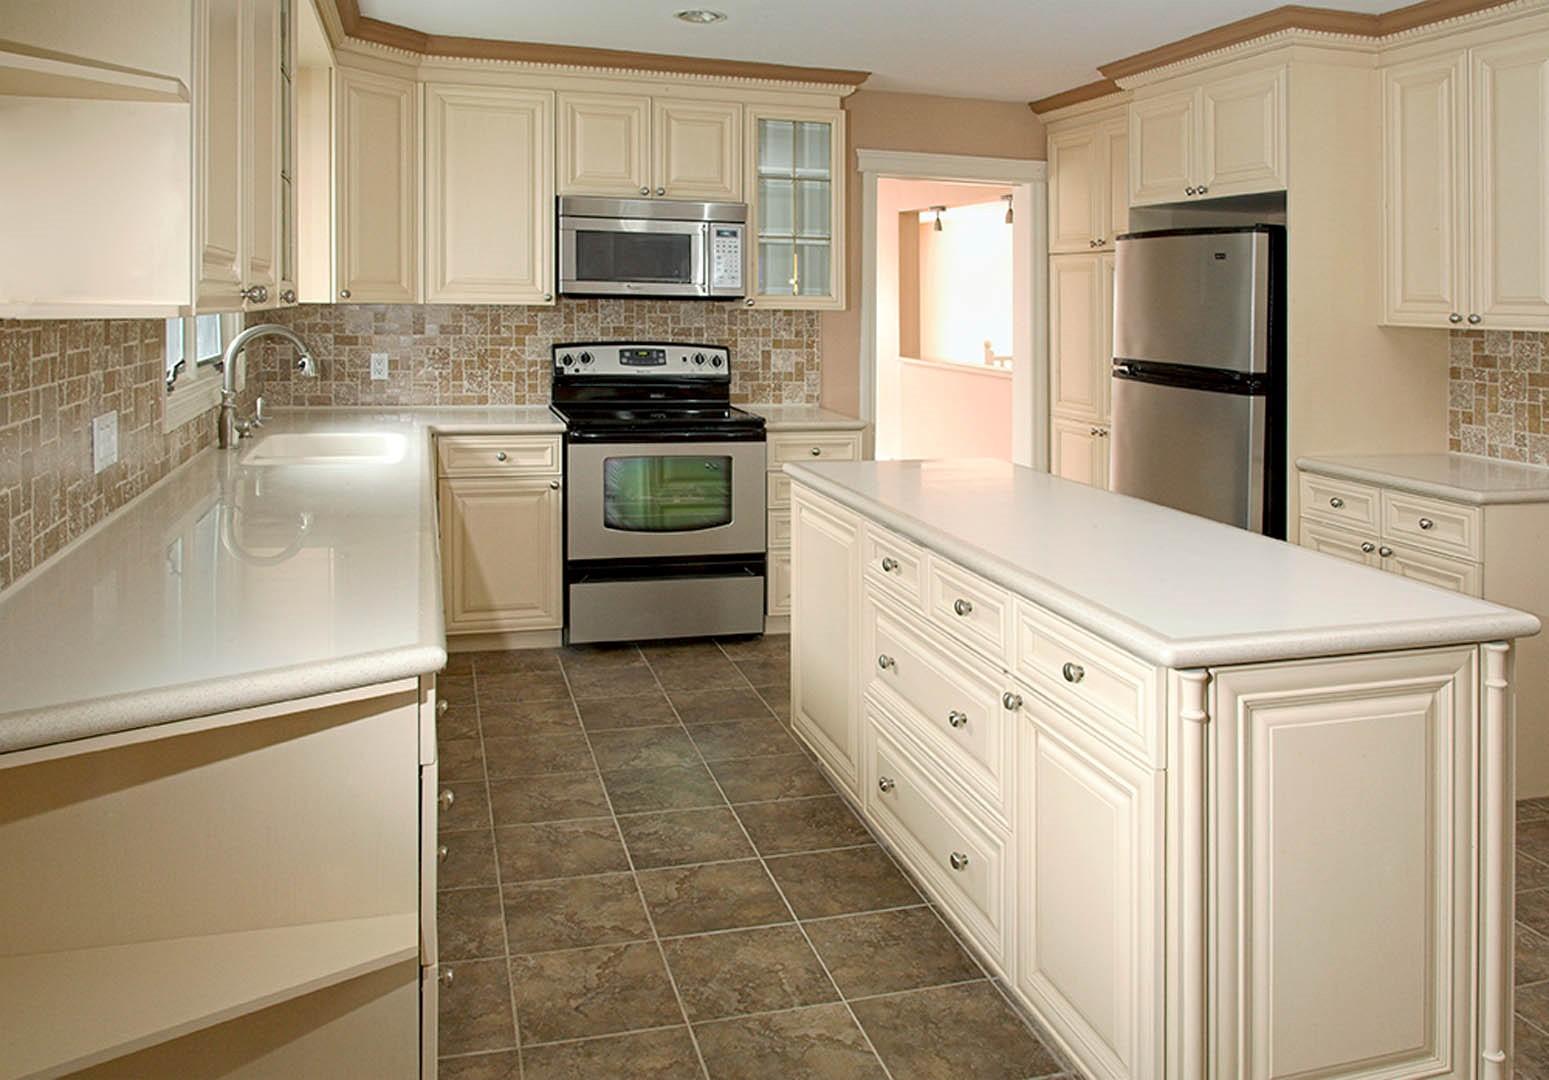 Silkstone Amp Granite Kitchen Counter Granite Stone Suppliers